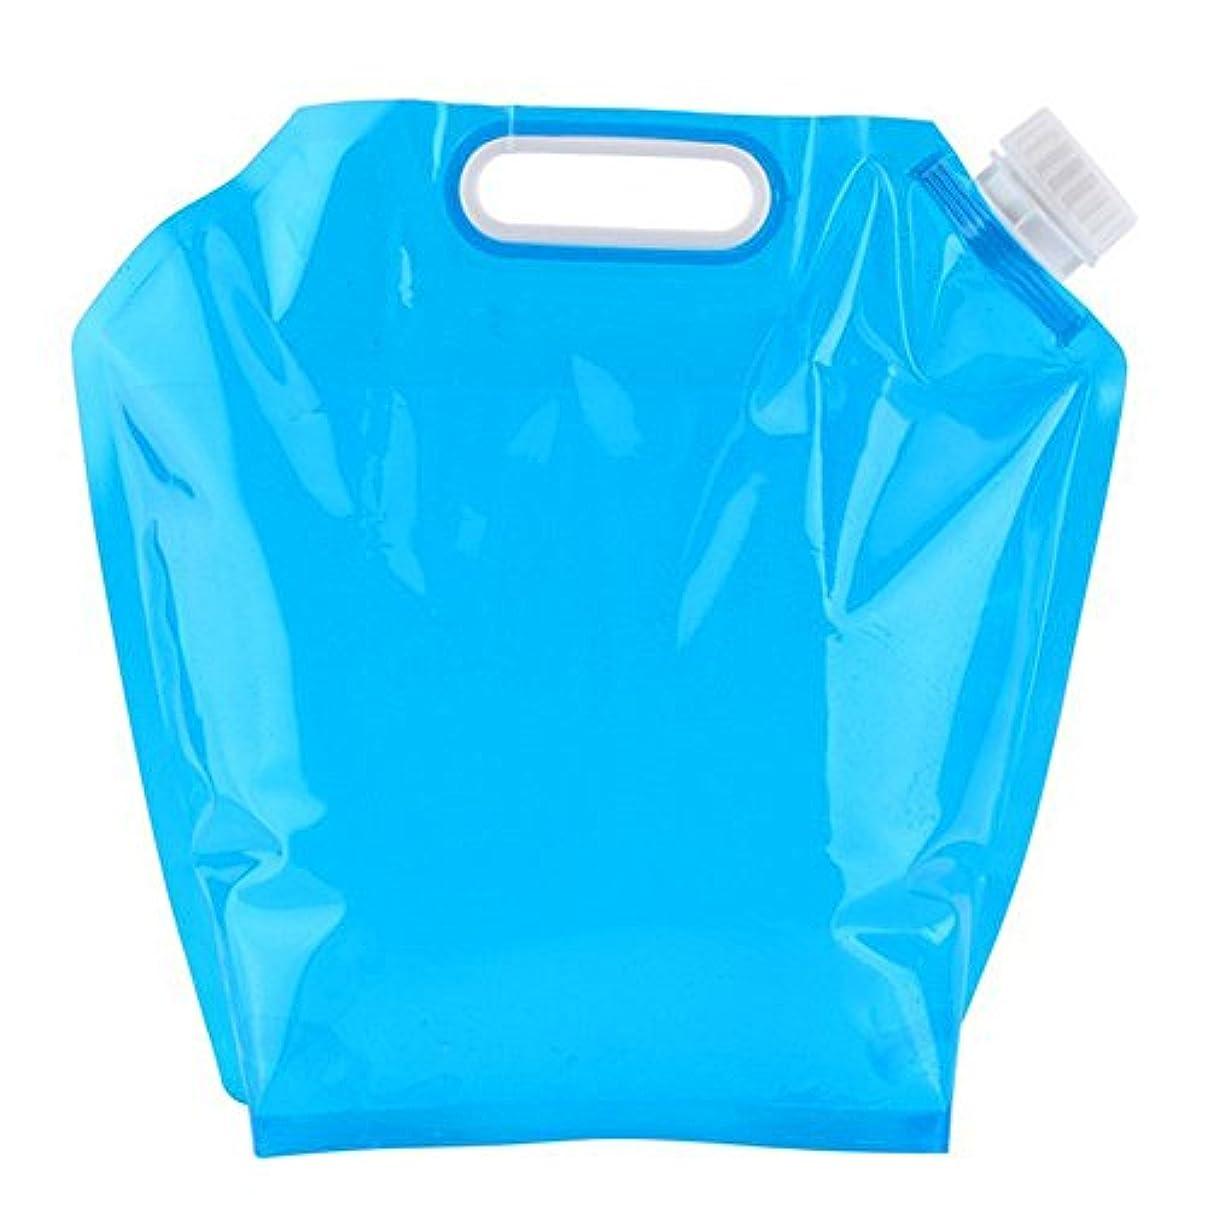 教育者アイドルクラッチEcloud Shop ポータブルウォーターバッグアウトドアスポーツウォーターストレージバッグキャンプハイキングサバイバルツール水貯蔵器具(5L)